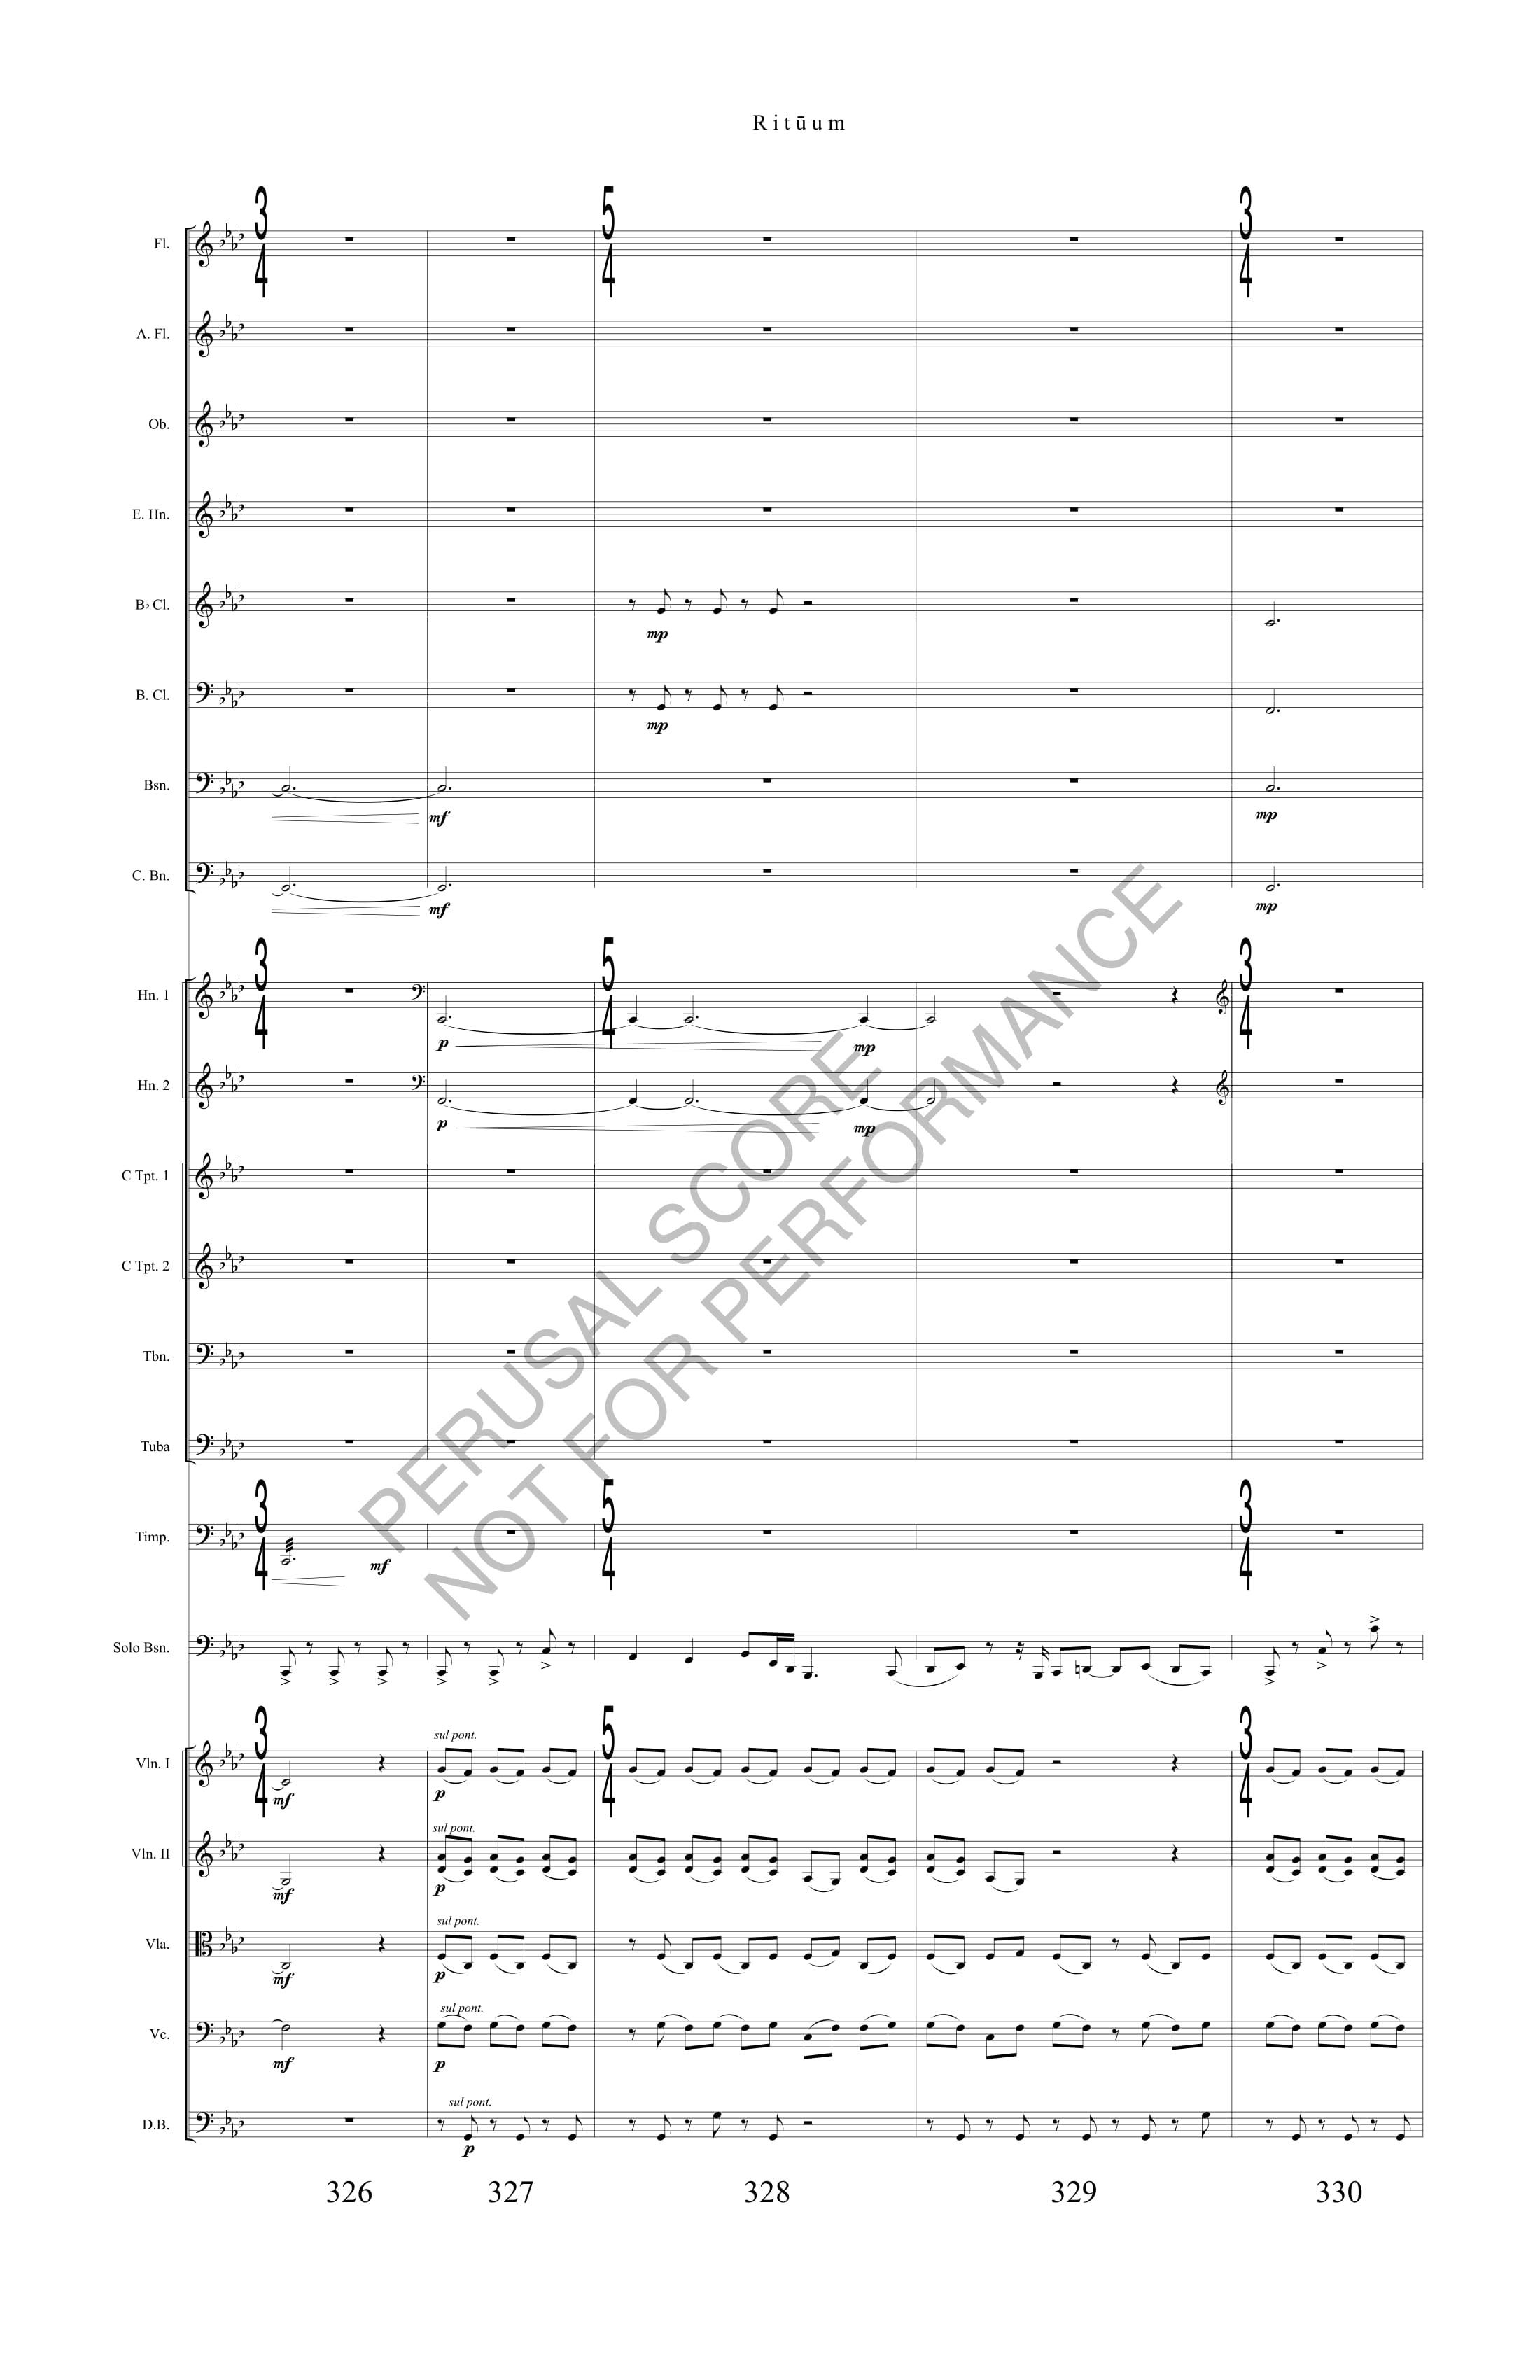 Boyd Rituum Score-watermark (1)-74.jpg